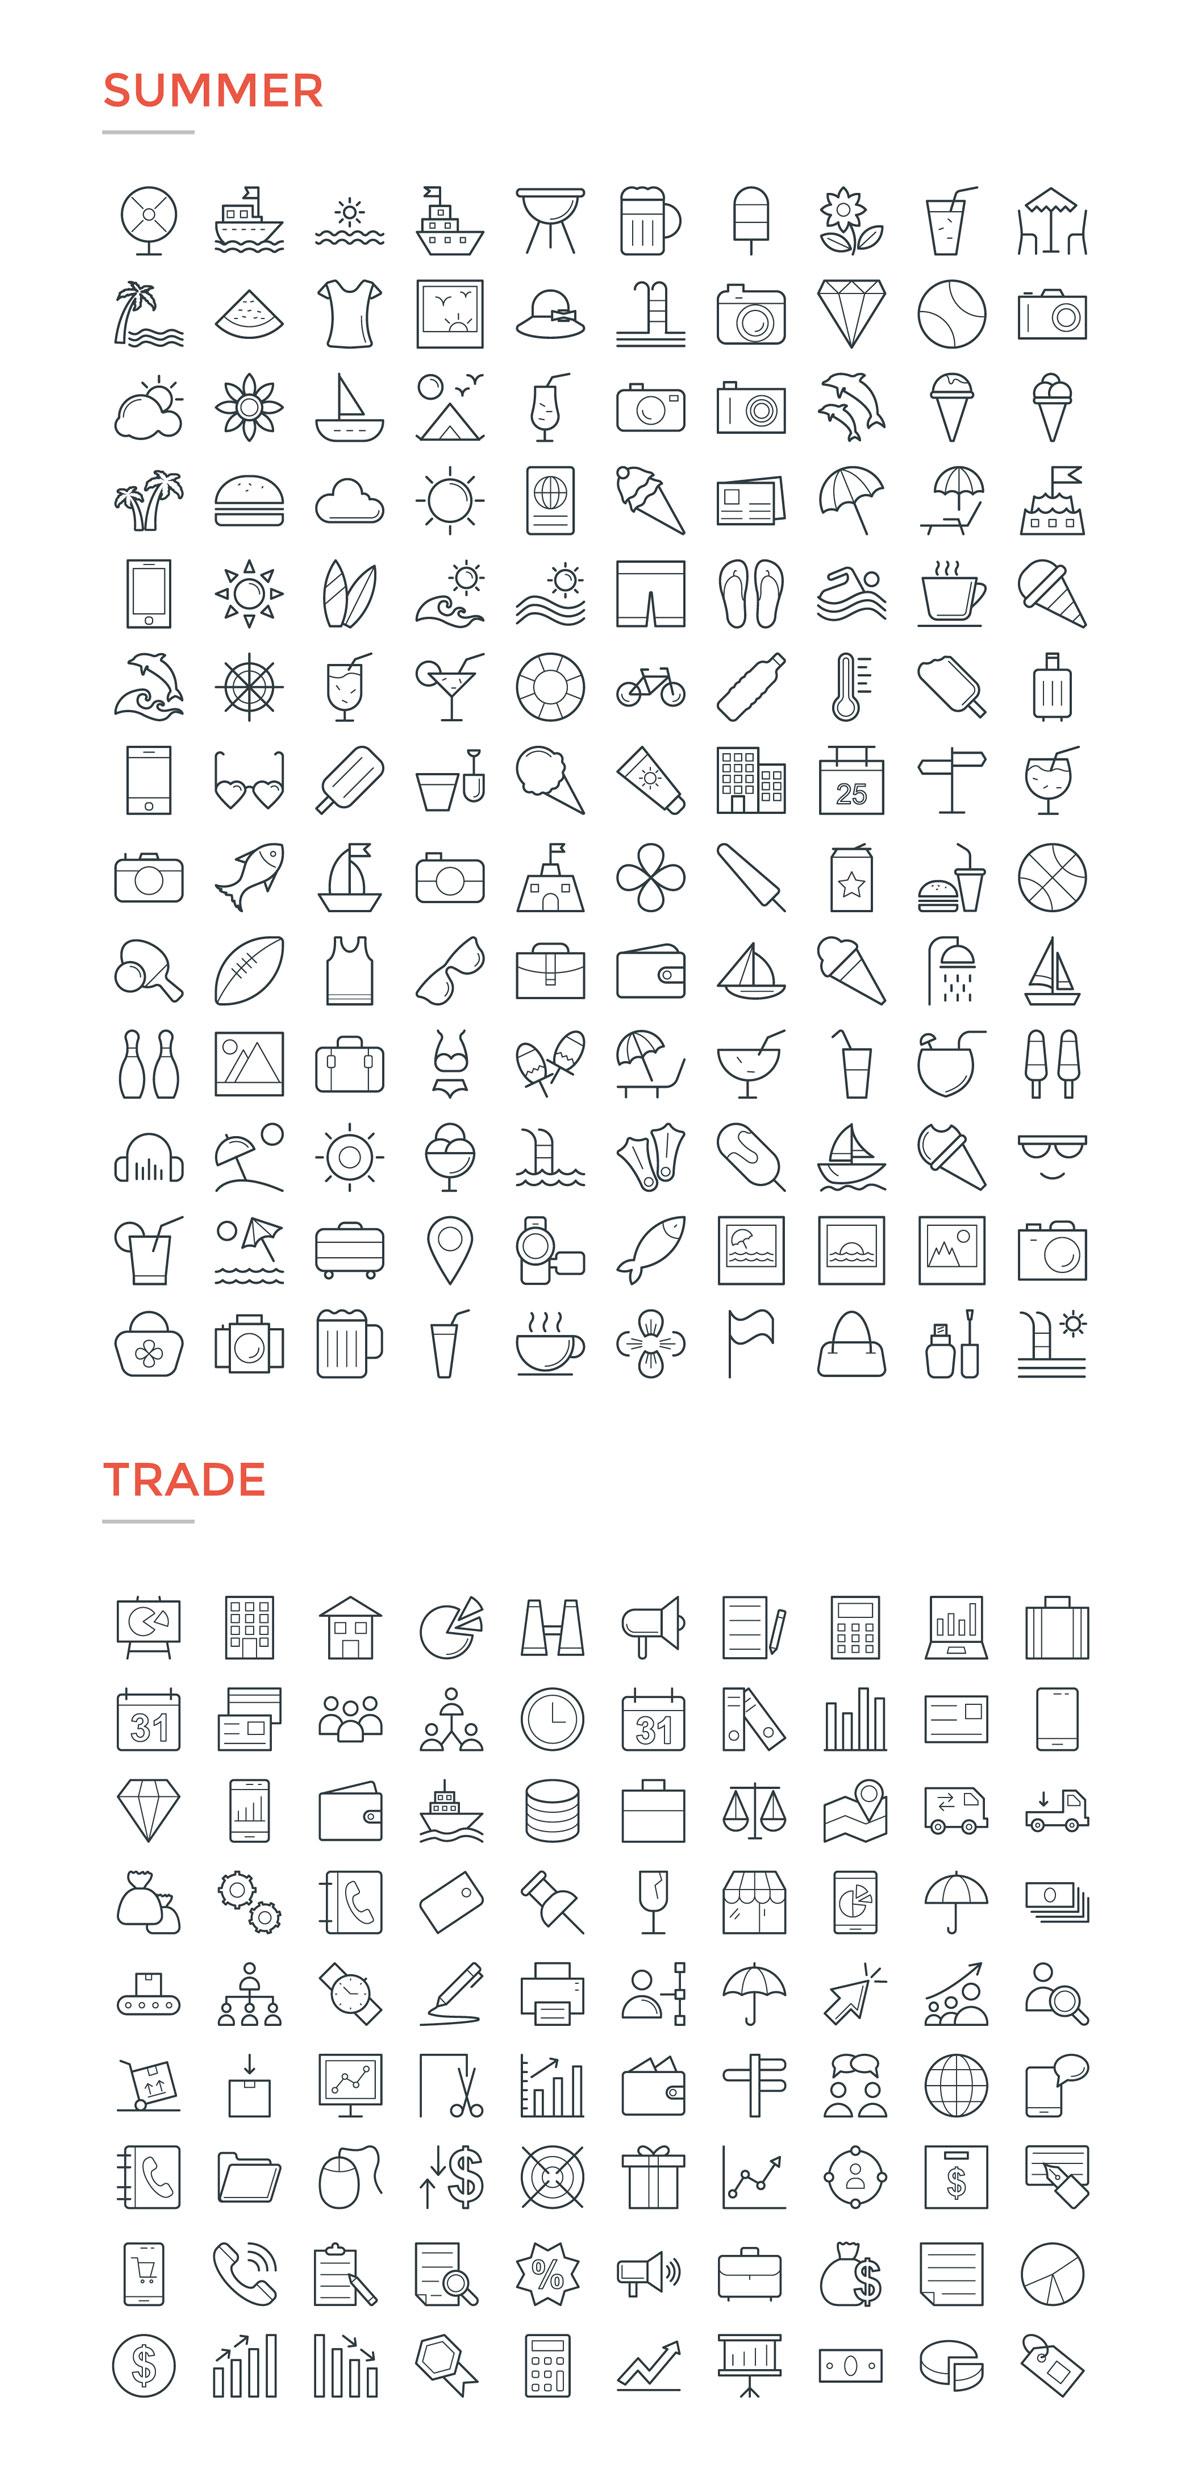 4800款独特的矢量图标合集 4800 Line Icons插图17